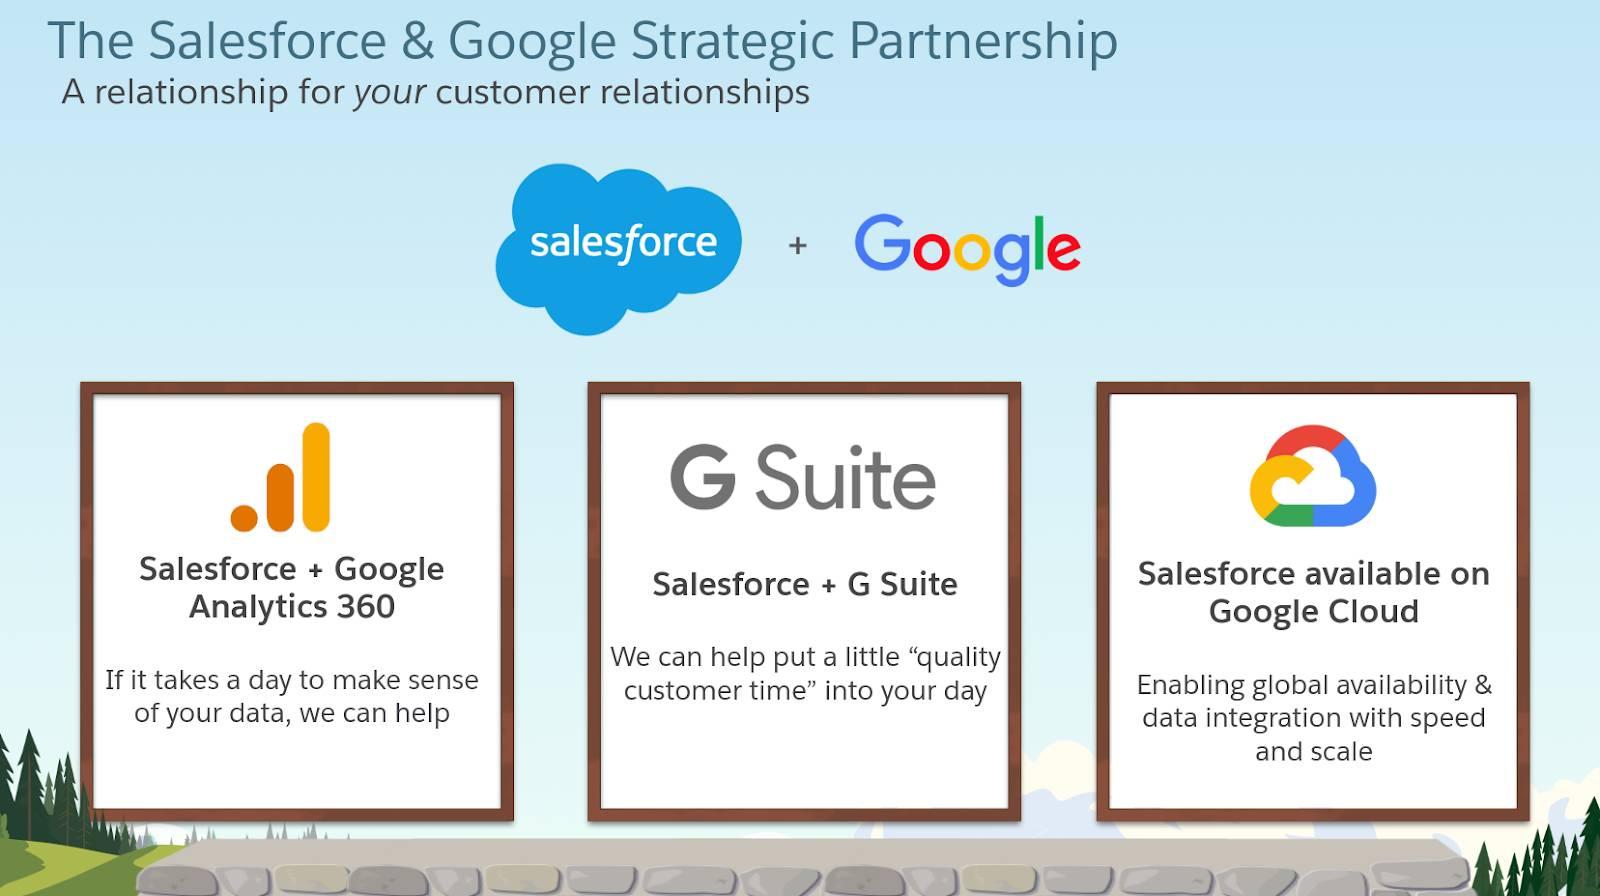 Bei der strategischen Partnerschaft zwischen Salesforce und Google liegt der Schwerpunkt auf der Integration mit der Google Marketing Platform (G Suite), der Verfügbarkeit in der Google Cloud und der Möglichkeit, Ihre Kunden besser kennenzulernen.